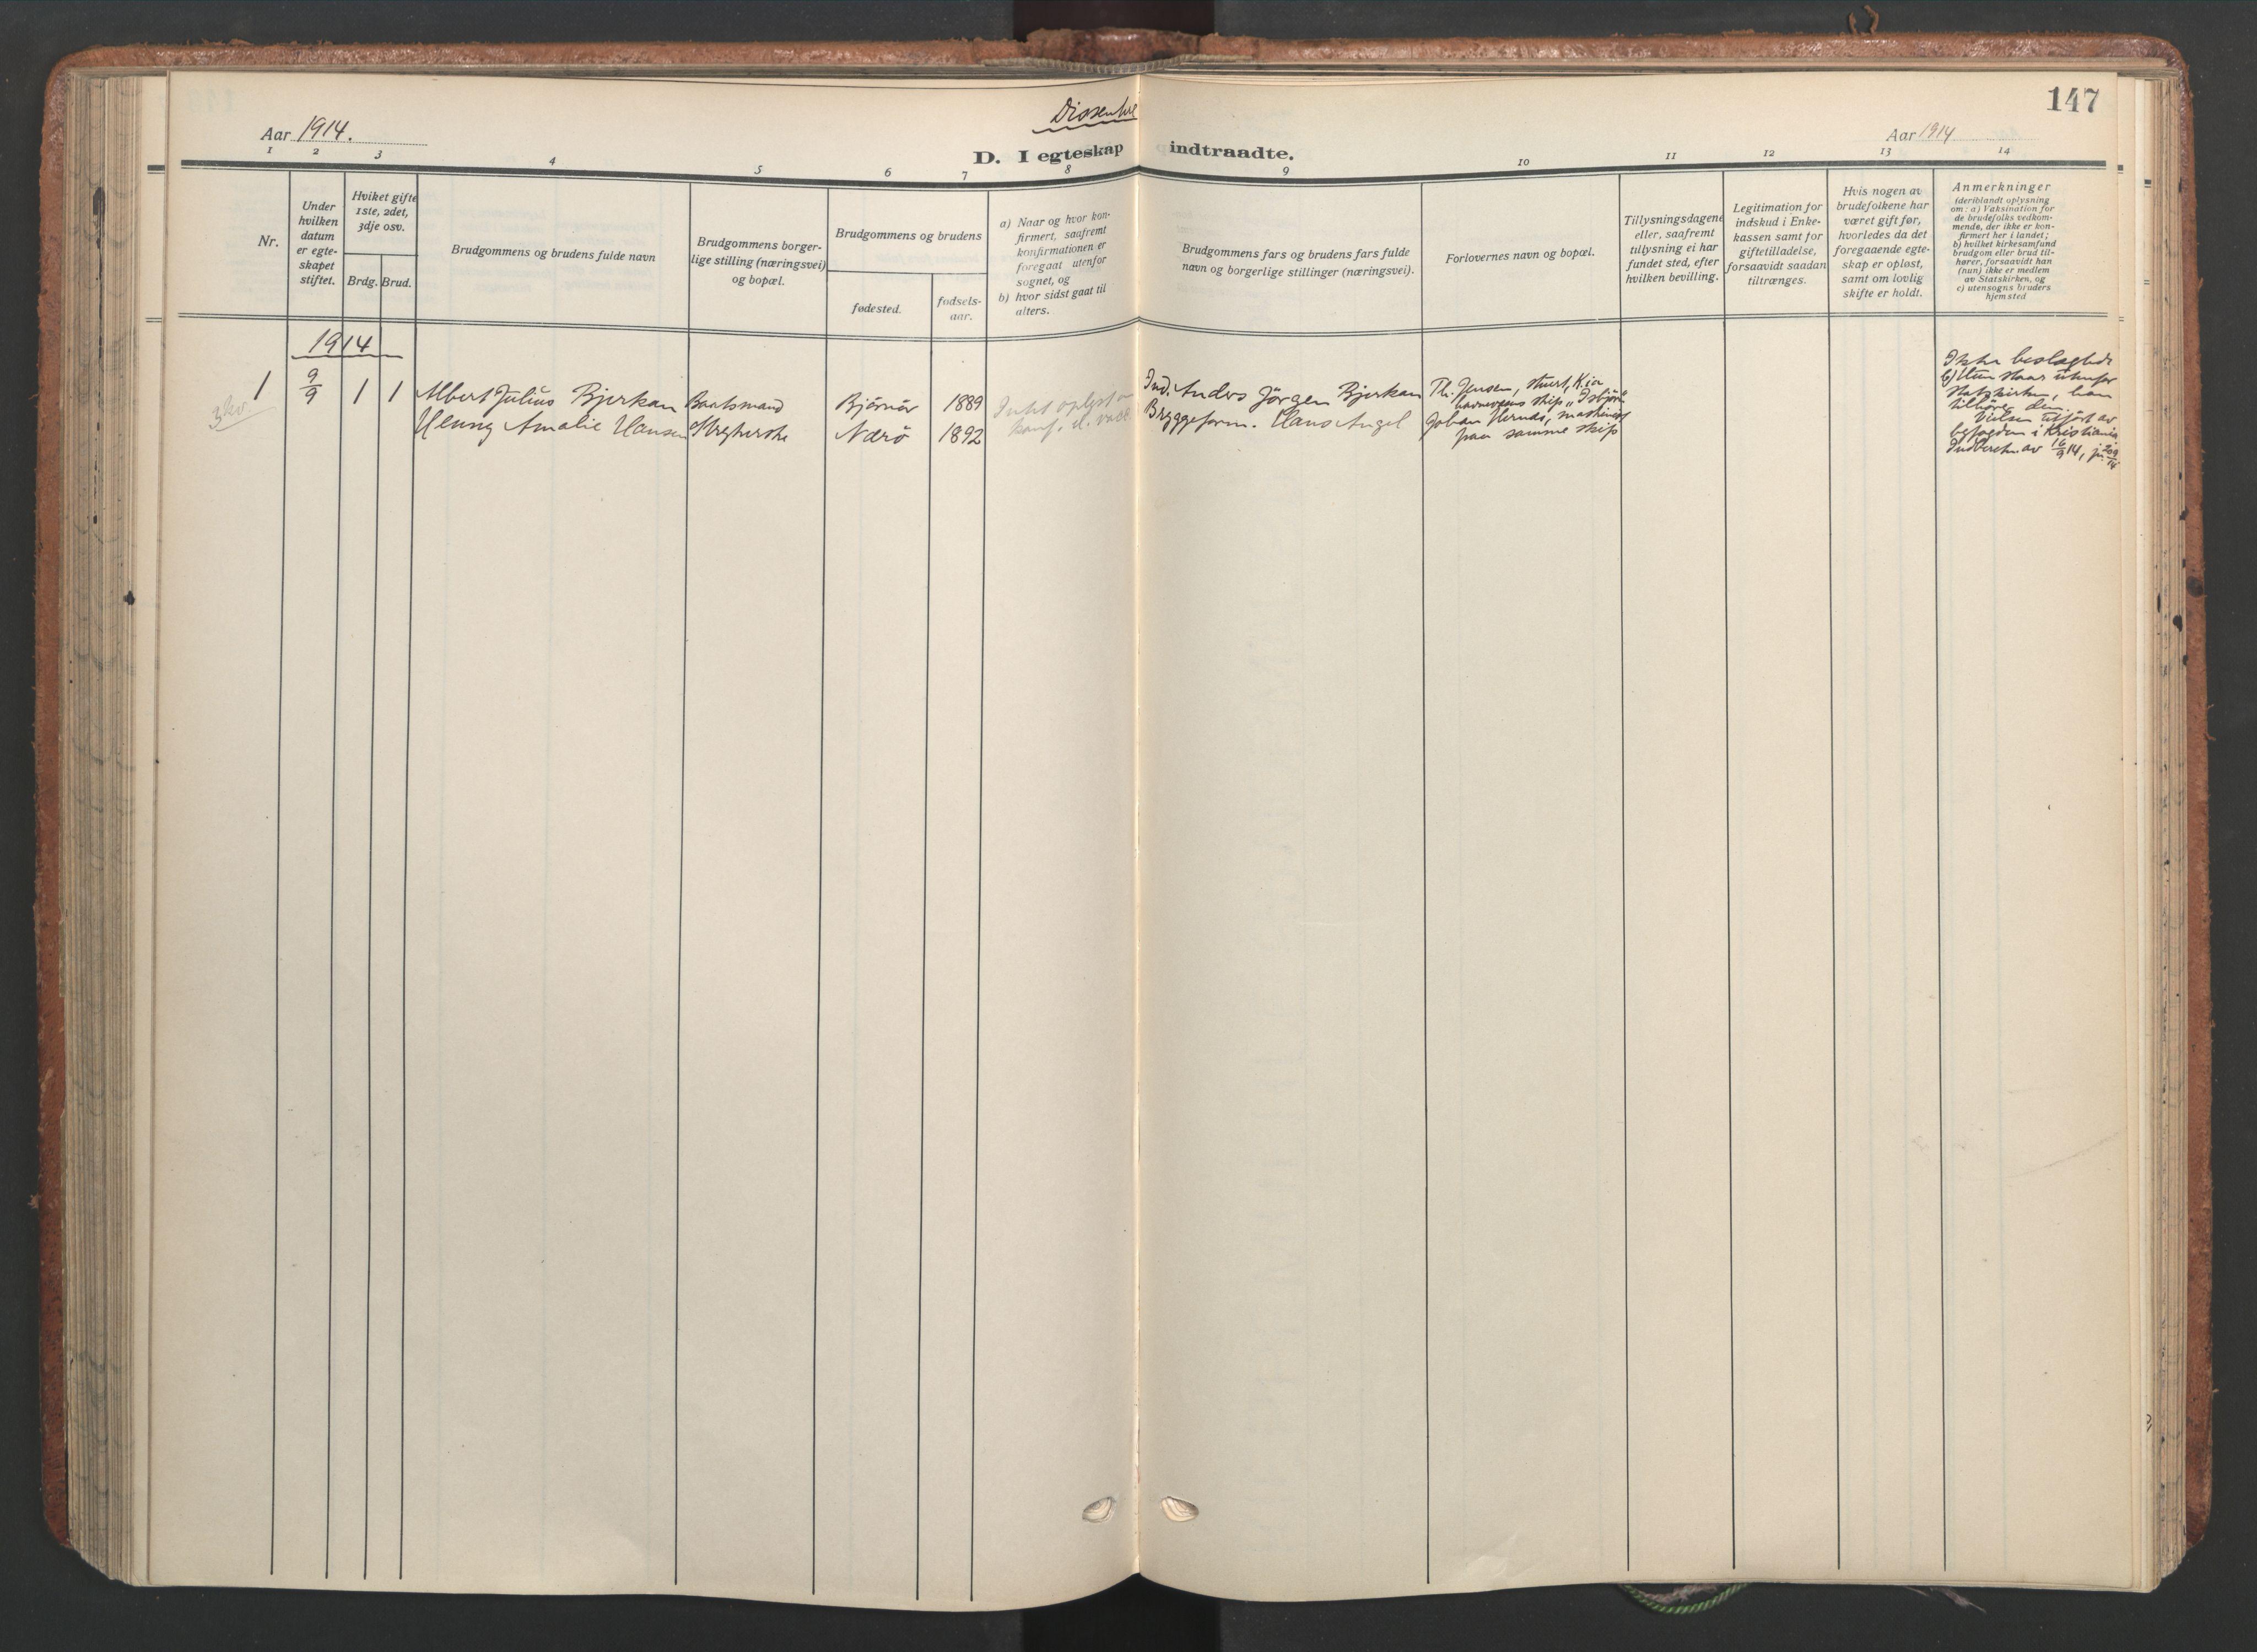 SAT, Ministerialprotokoller, klokkerbøker og fødselsregistre - Sør-Trøndelag, 656/L0694: Ministerialbok nr. 656A03, 1914-1931, s. 147